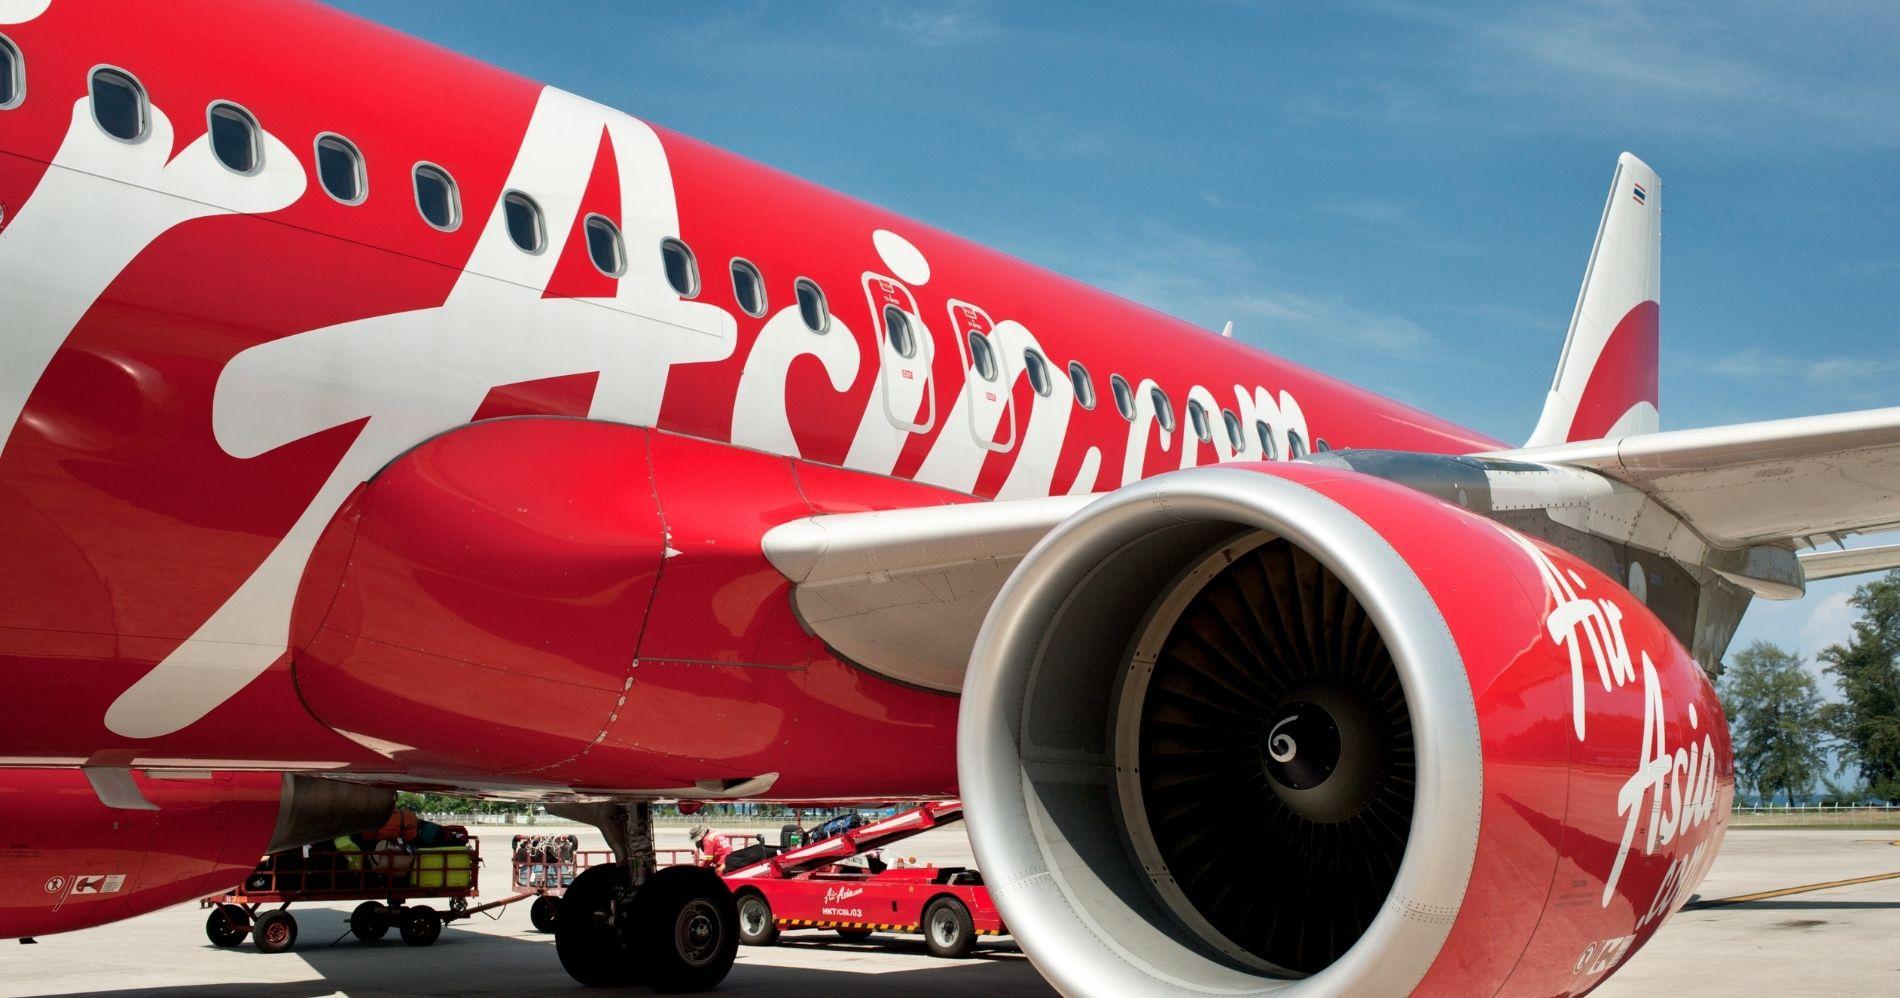 Air Asia Coba Bisnis Ojol Illustration Web Bisnis Muda - Canva